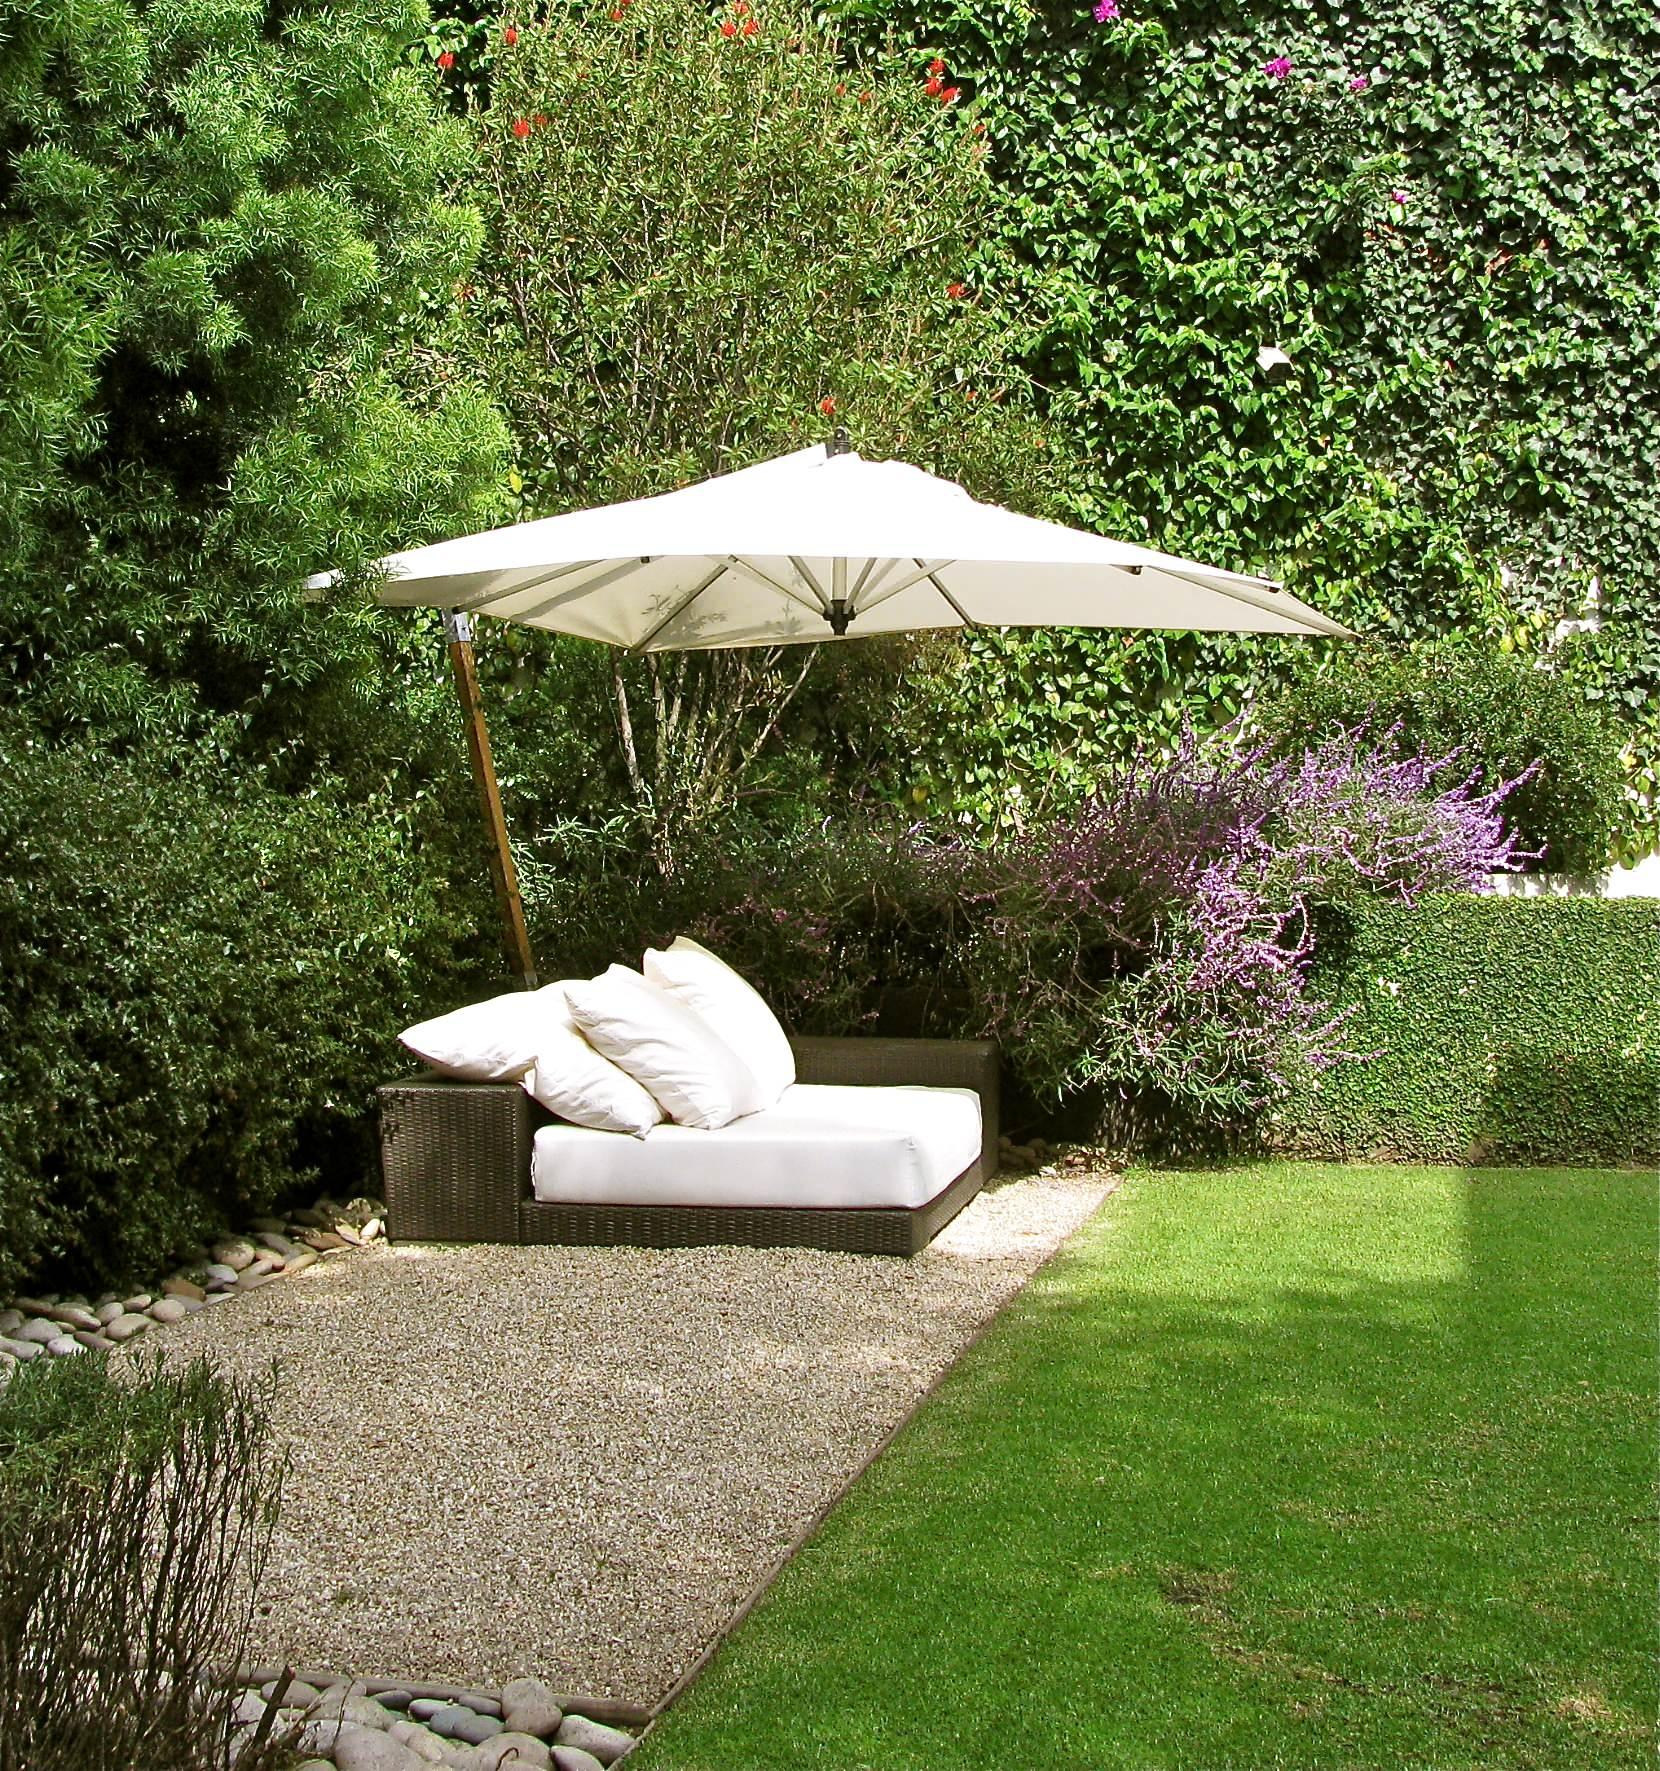 Sonnenschirm für den Garten - Die Funktionen müssen stimmen